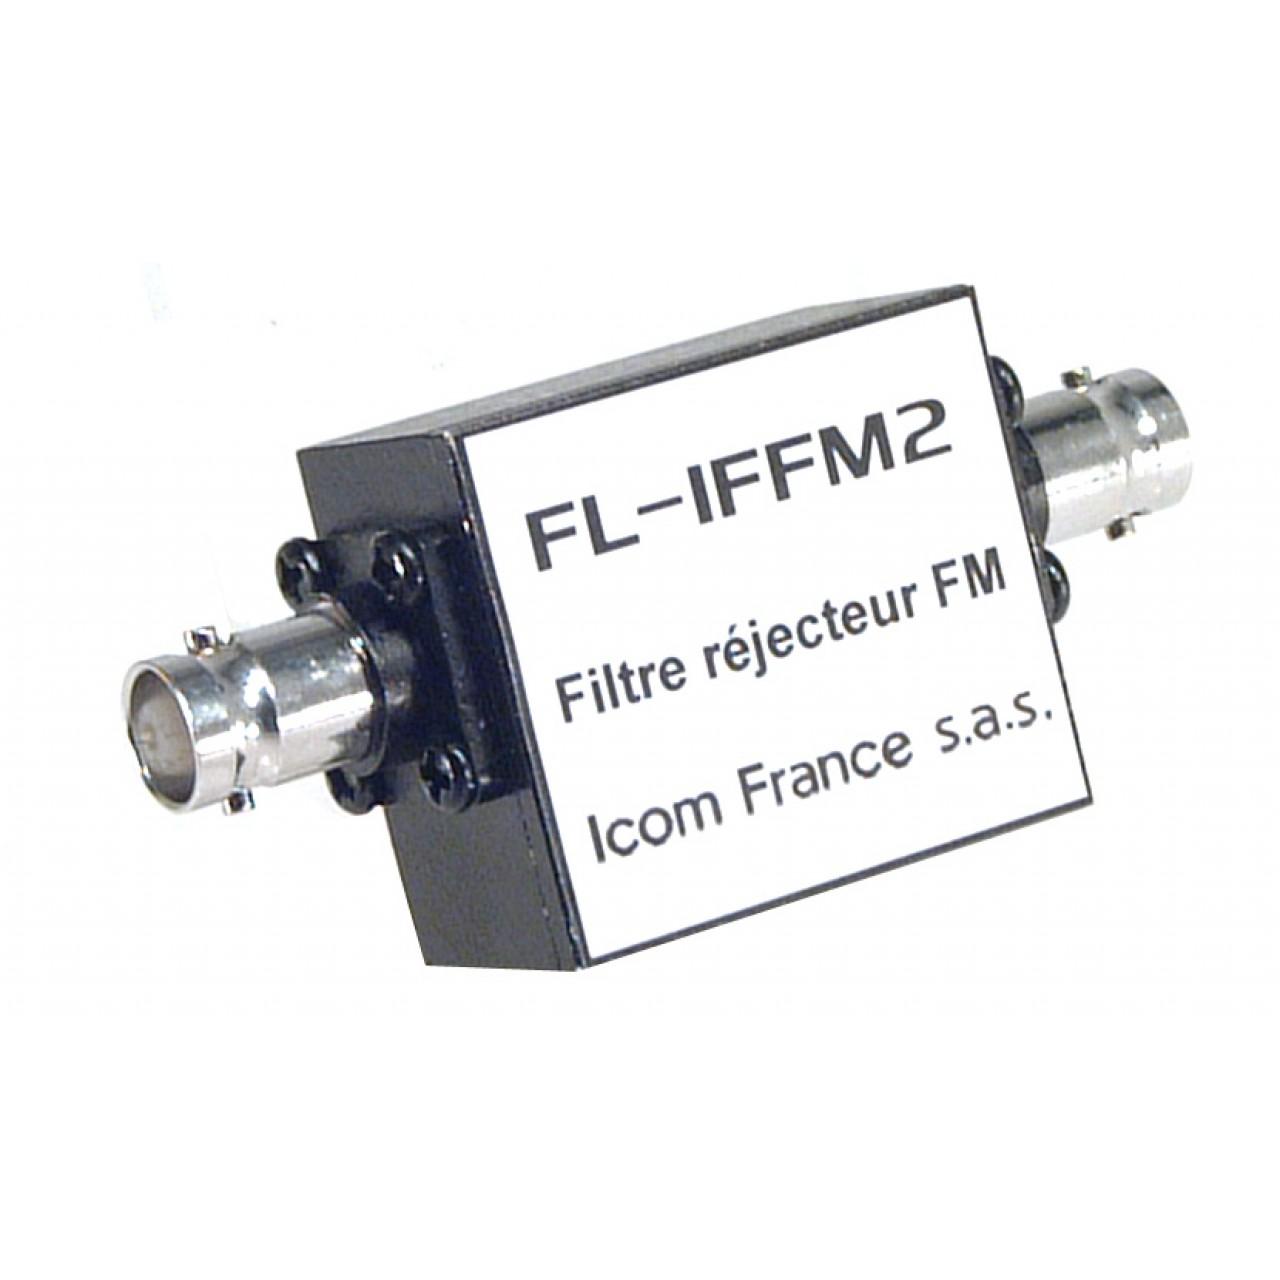 FL-IFFM2 Platines et filtres - ICOM